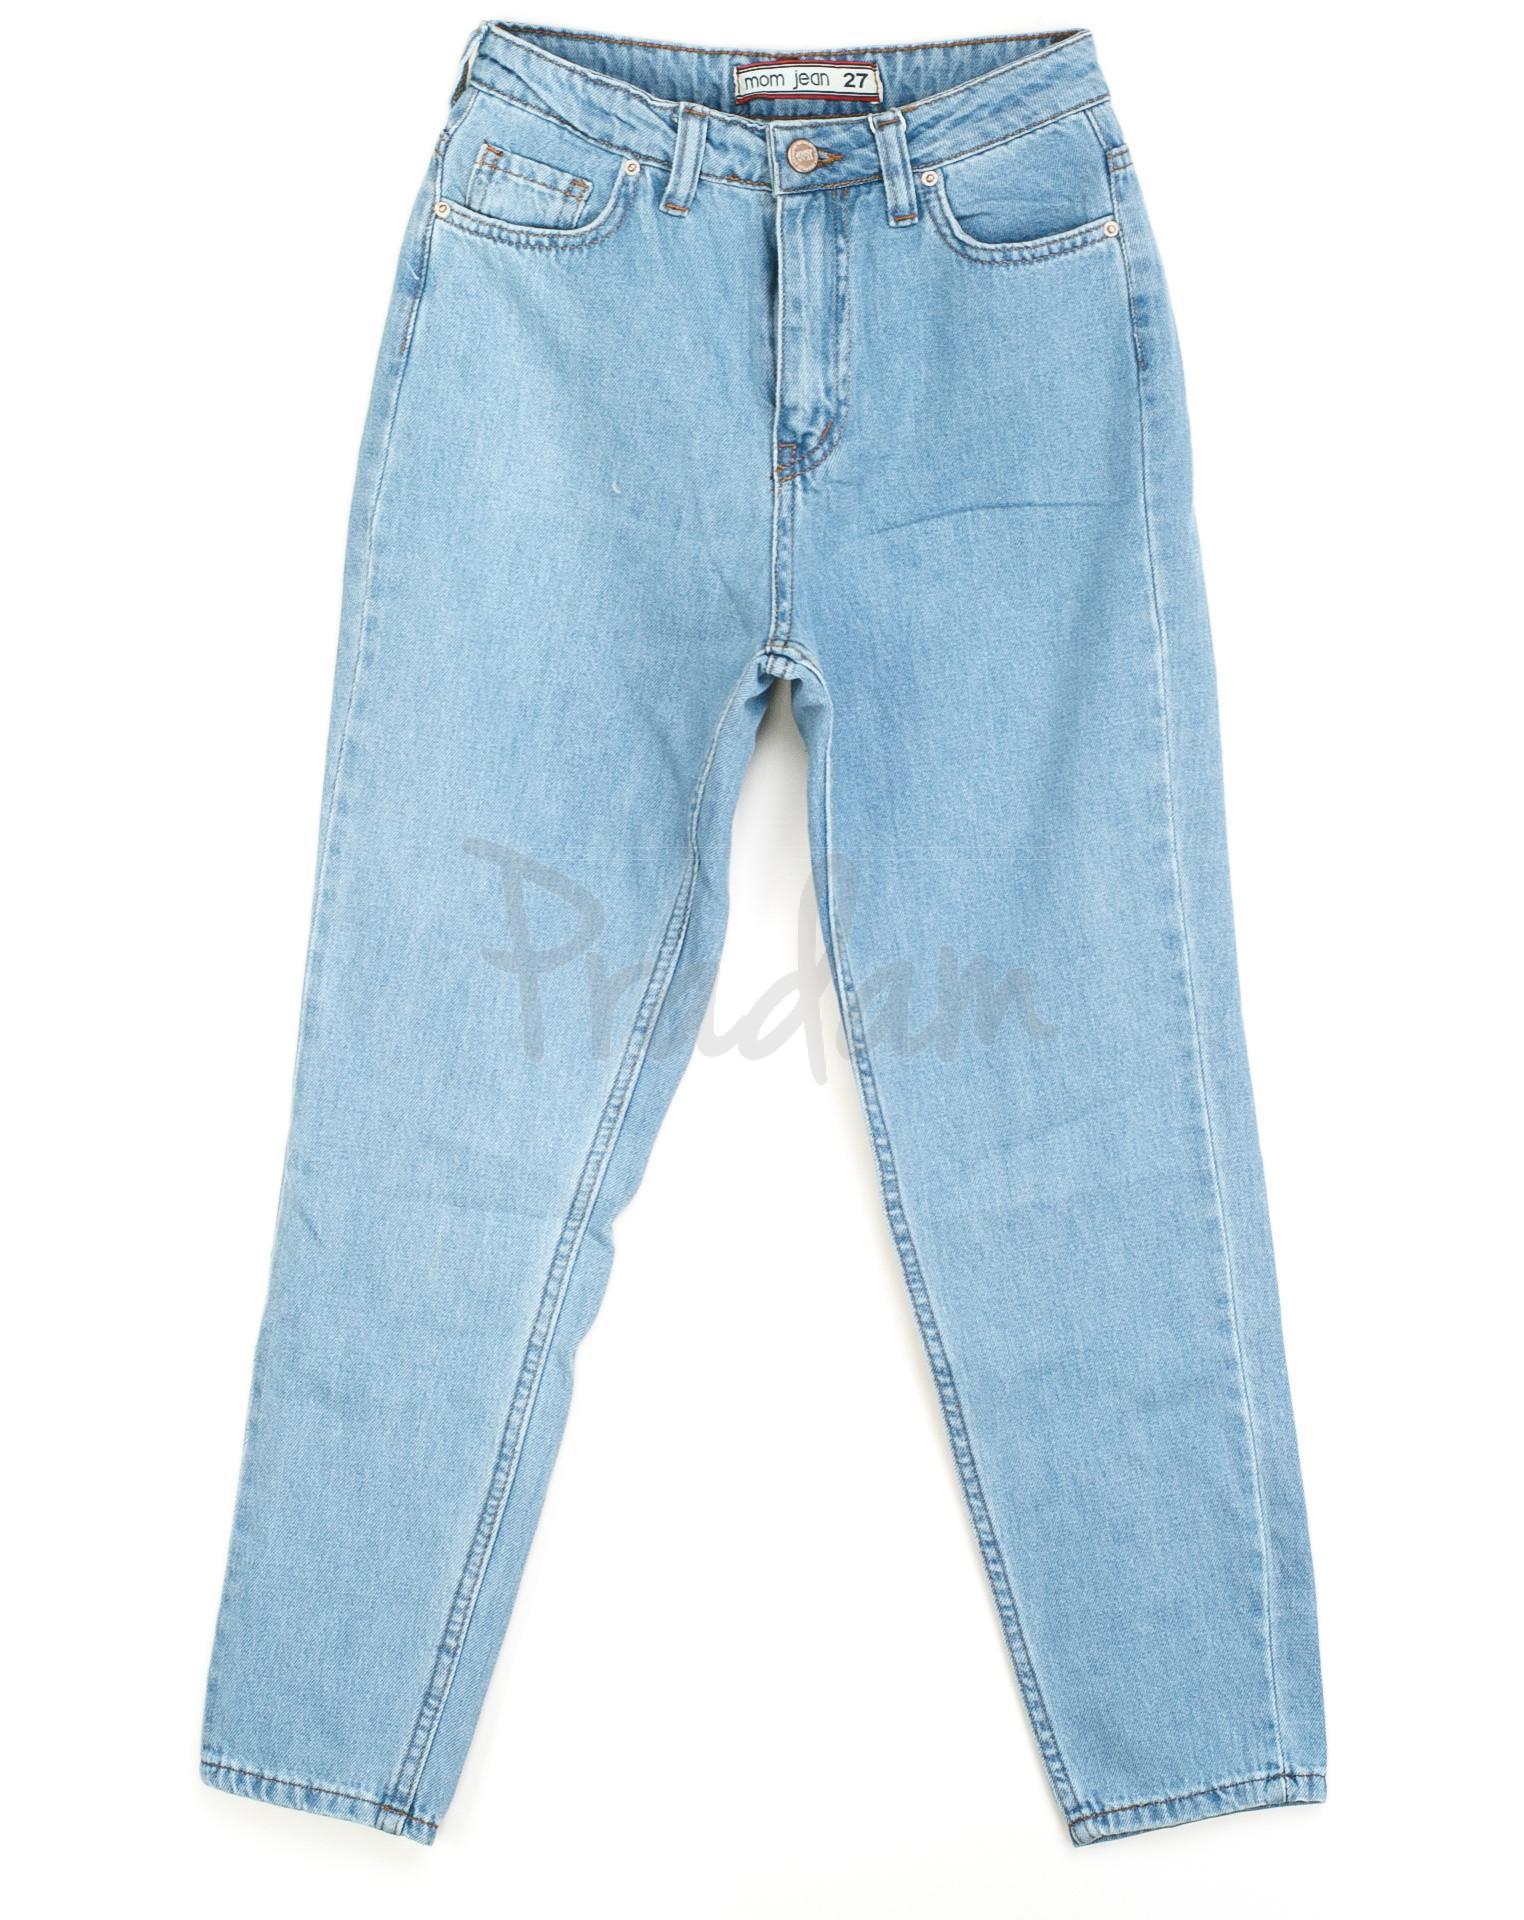 228e75f084fe женские джинсы МОМ светлые 0536 (26-29, 4 ед.) MOM: купить оптом в  интернет-магазине Pradam